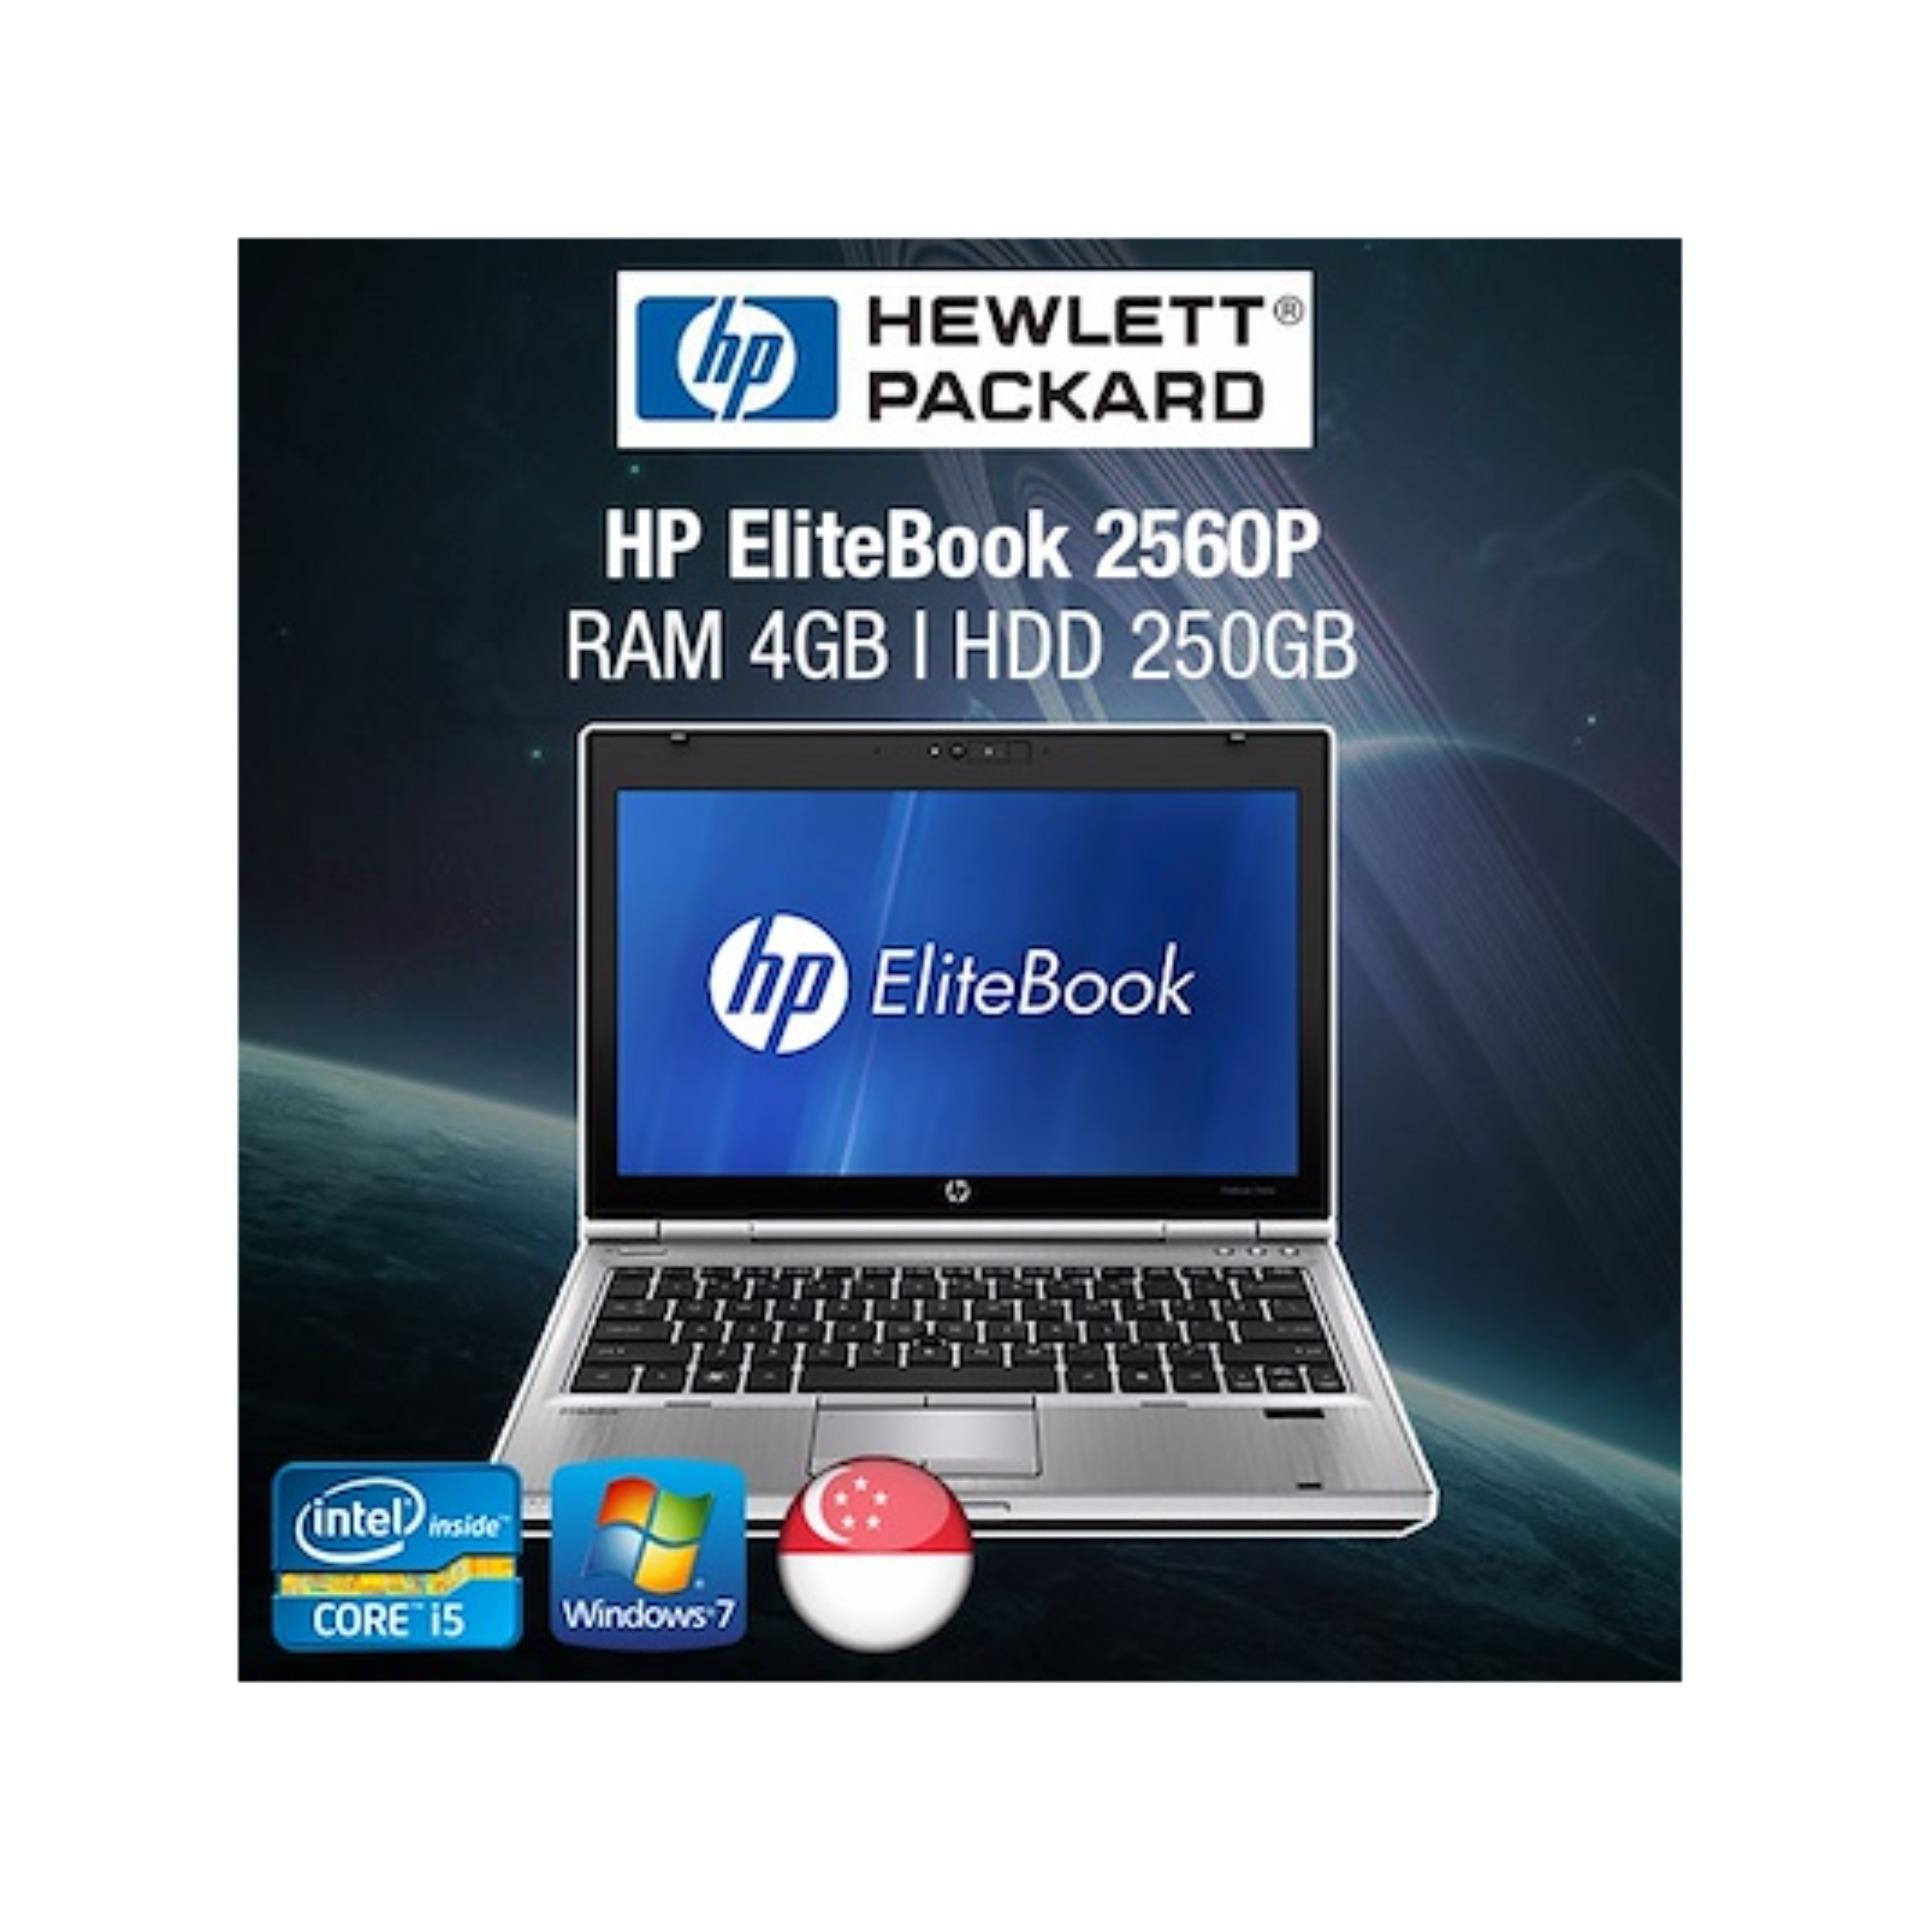 Refurbished HP EliteBook 2560p 12.5in Laptop – i5 / 4GB RAM / 320GB HDD / Jap KB / W7 / 1mth Warranty